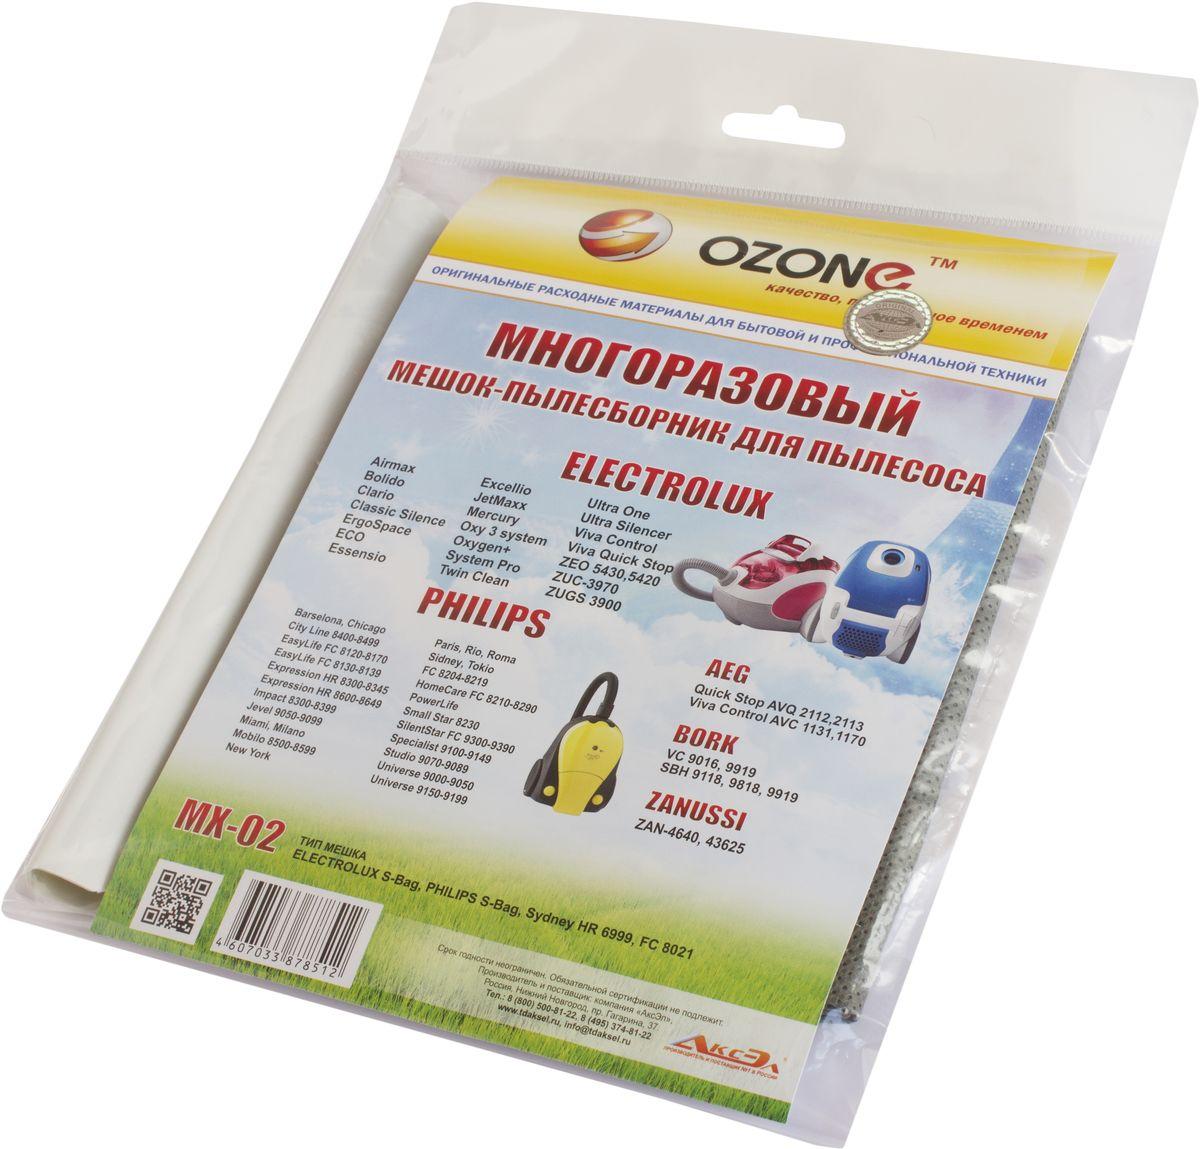 Ozone MX-02 пылесборникMX-02Многоразовый синтетический пылесборник OZONE microne multiplex MX-02 предназначен для бытового использования. Пылесборник OZONE соответствуют высоким стандартам качества. Благодаря использованию специального четырехслойного синтетического материала, пылесборник OZONE microne multiplex MX-02 обладает высочайшей степенью фильтрации и повышенной прочностью. Серия MICRON задерживает мельчайшие частицы пыли и пыльцы. OZONE microne multiplex MX-02 выдерживает нагрузку до 30кг., а так же выполняется 100% заполняемость мешка.